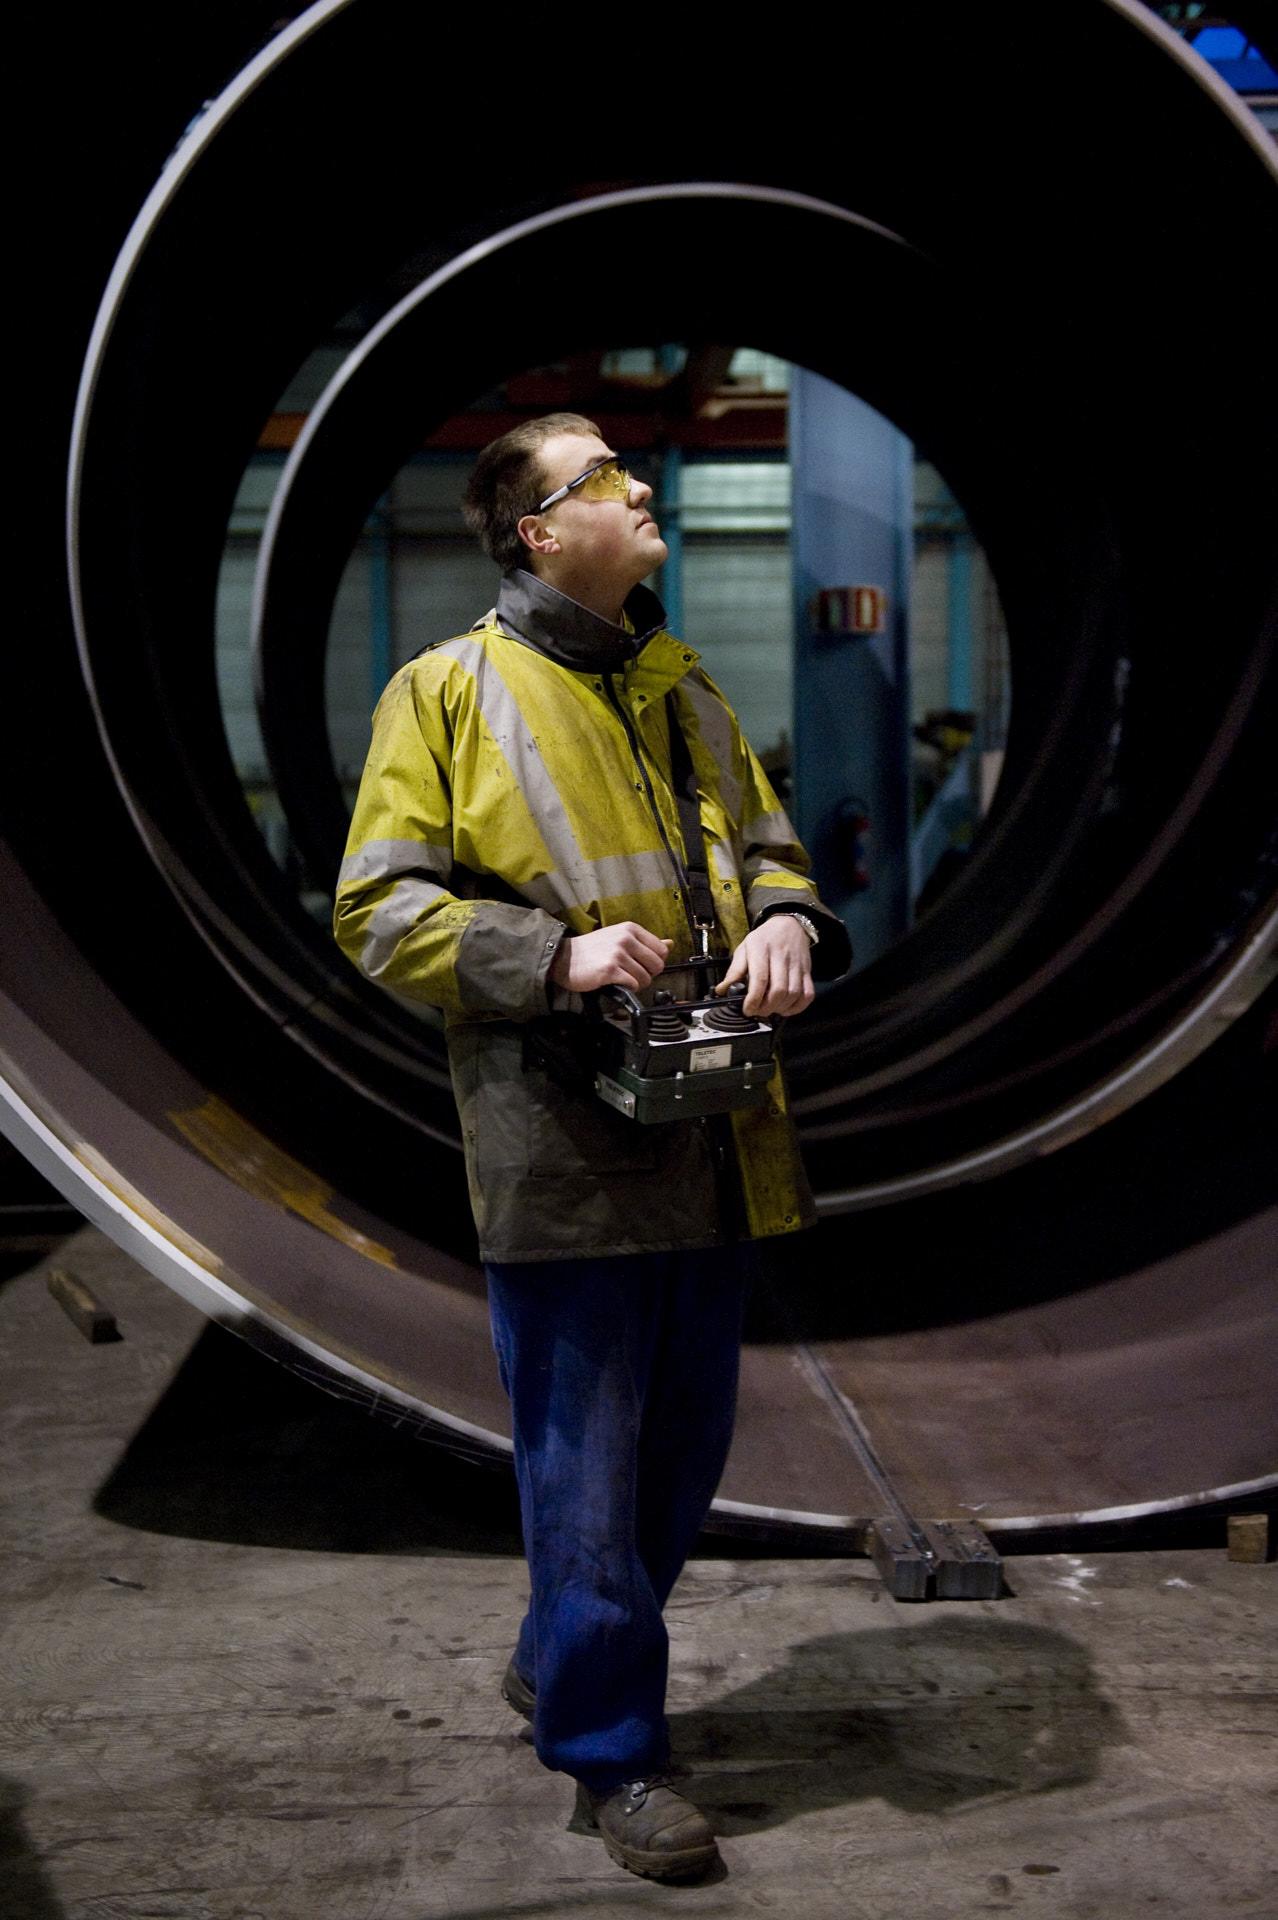 SIF Roermond jaarboek Egeria fotografie fabriek arbeiders. Industriële fotografie Frank Penders.